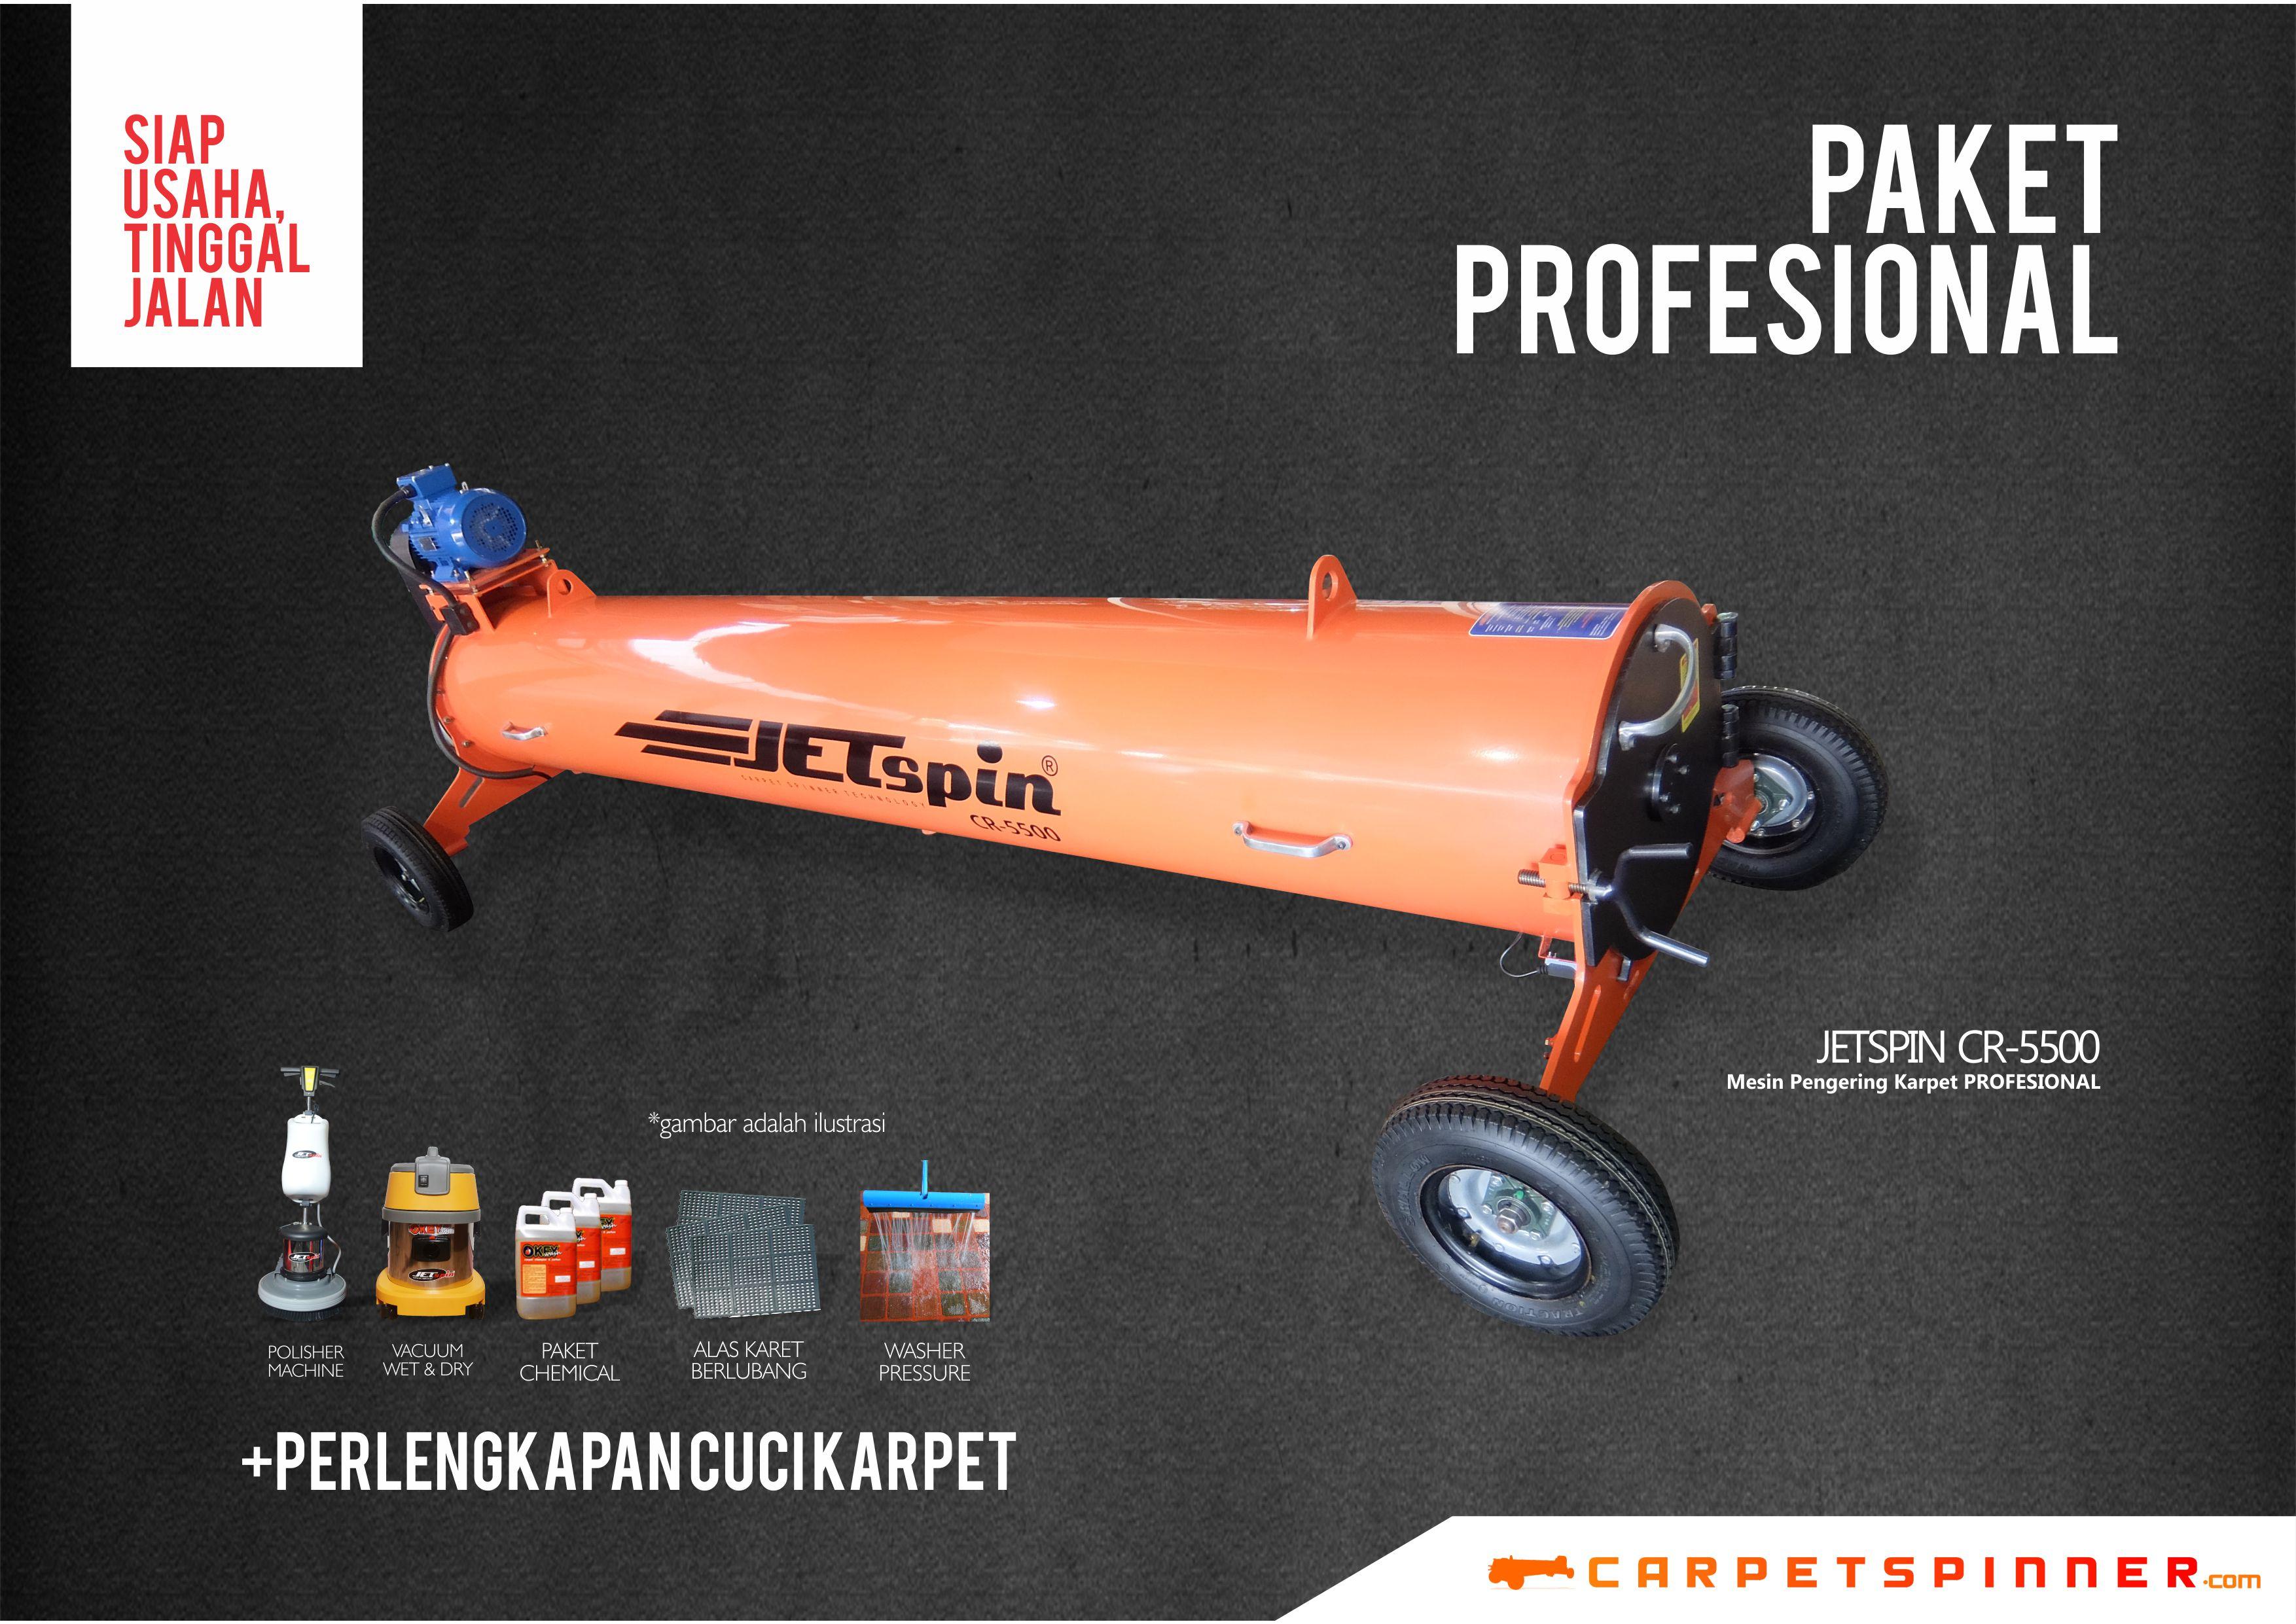 Paket Profesional Orange - www.carpetspinner.com